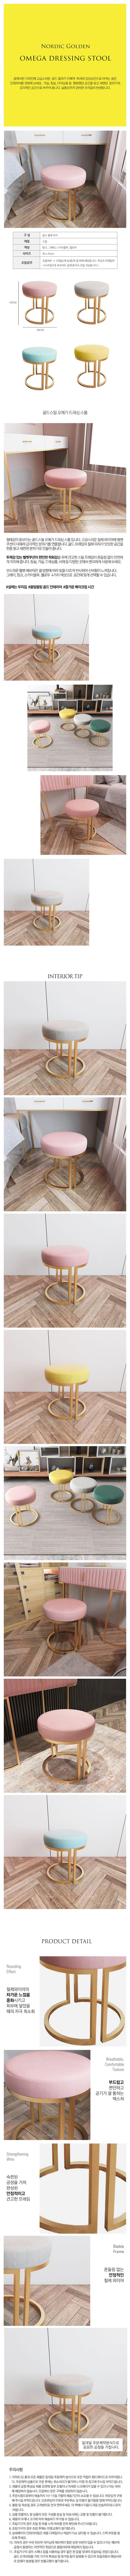 아파트32 홈 골드 철제 오메가 화장대의자 보조의자 - 아파트32, 89,000원, 디자인 의자, 스틸의자